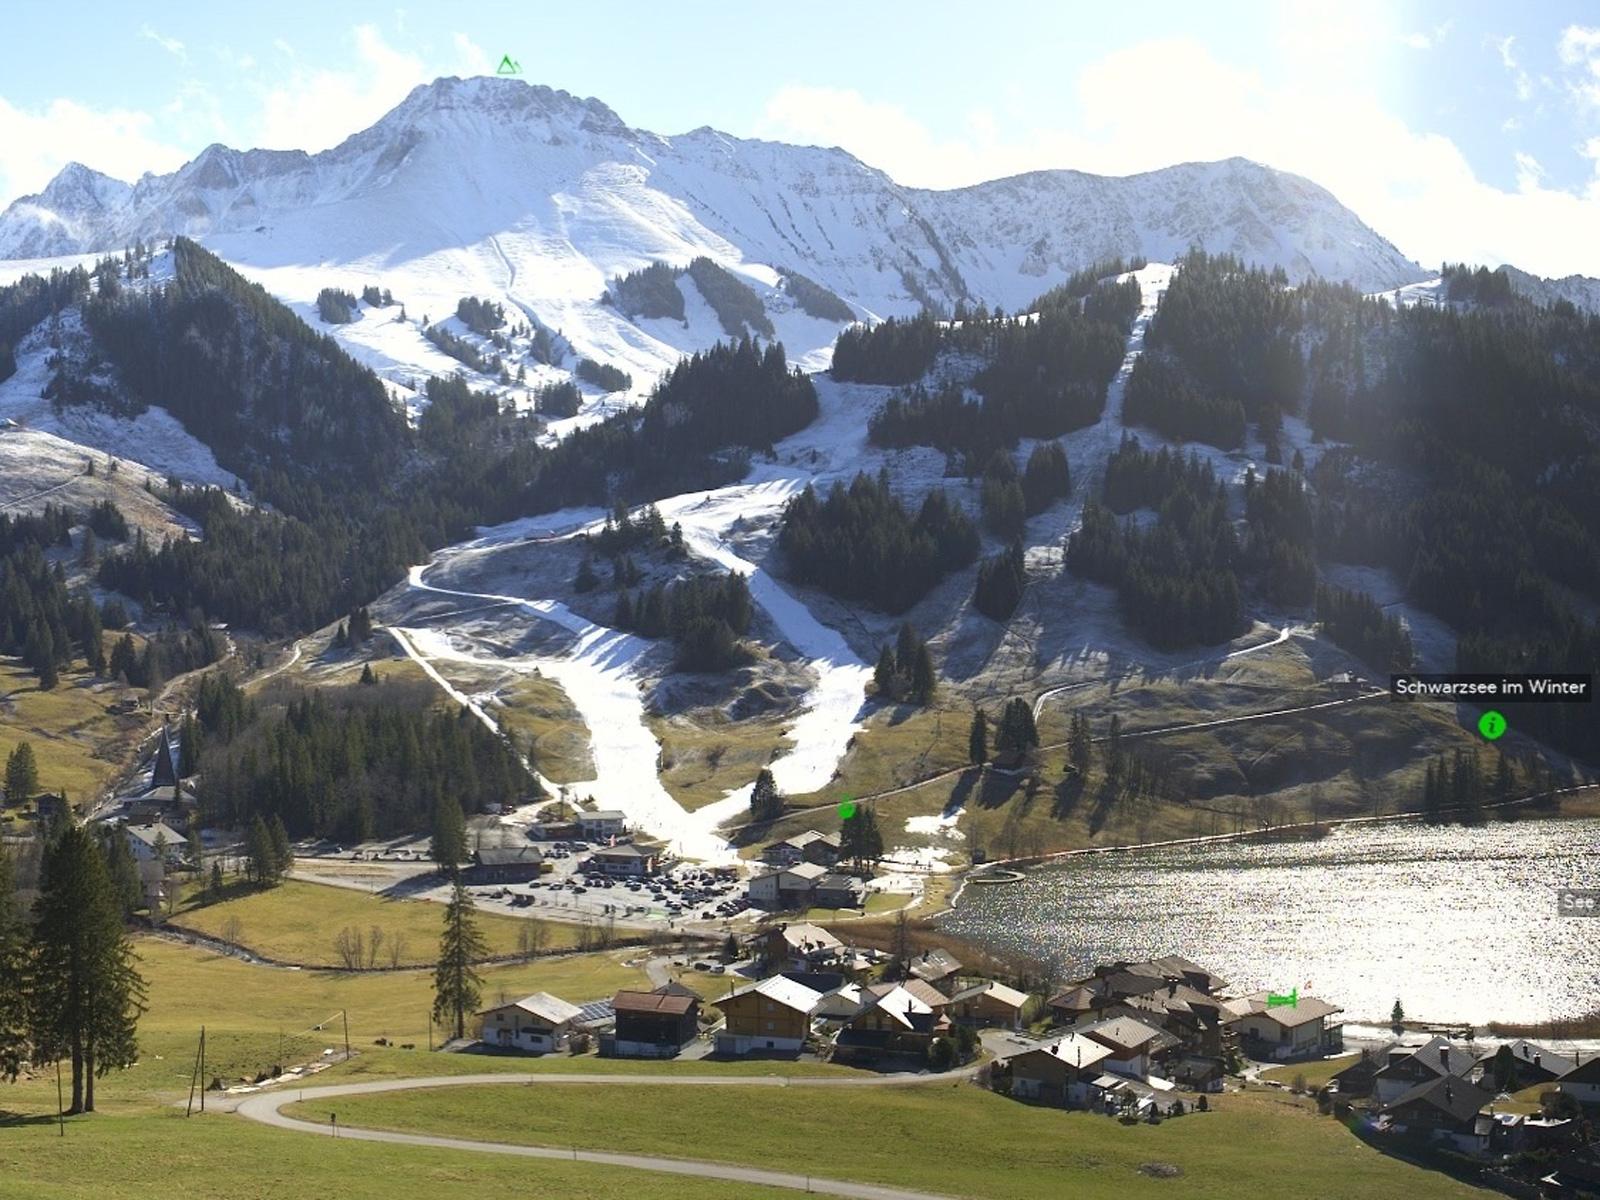 Blick von Schwarzsee (1045 m, Plaffeien, FR) über die Rigisalp zur Kaiseregg (2.185 m, Jaun). Die Kaiseregg ist frisch eingeschneit, während unten im Dorf nur die präparierten Pisten an den Winter erinnern. Foto: Roundshot/18.02.2020